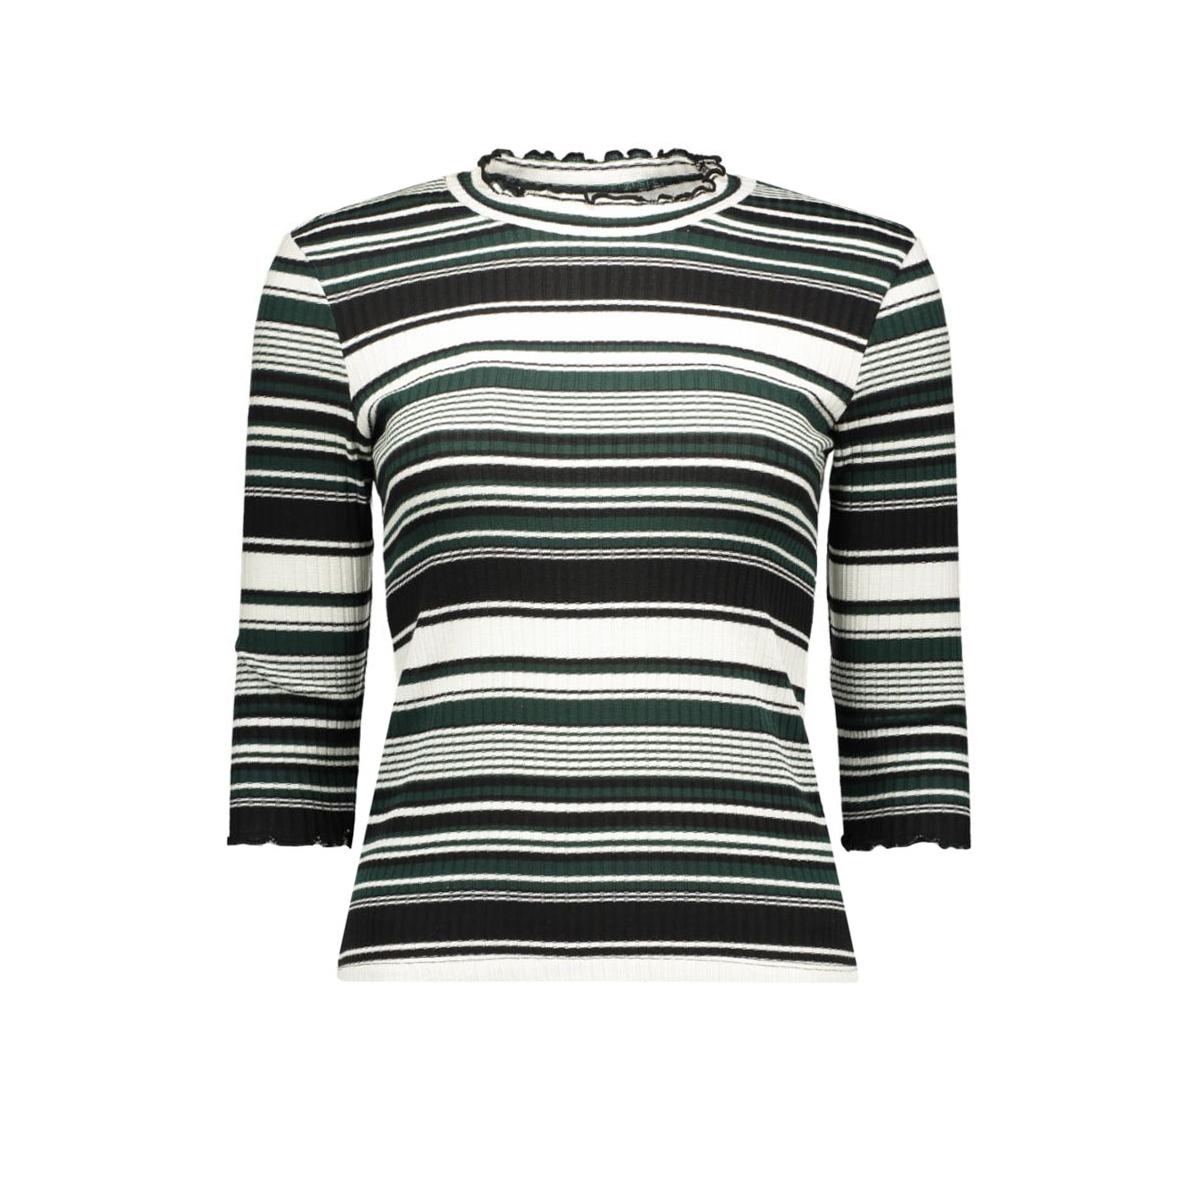 onlpiska 3/4 stripe  top jrs 15133567 only t-shirt cloud dancer/ scareb com